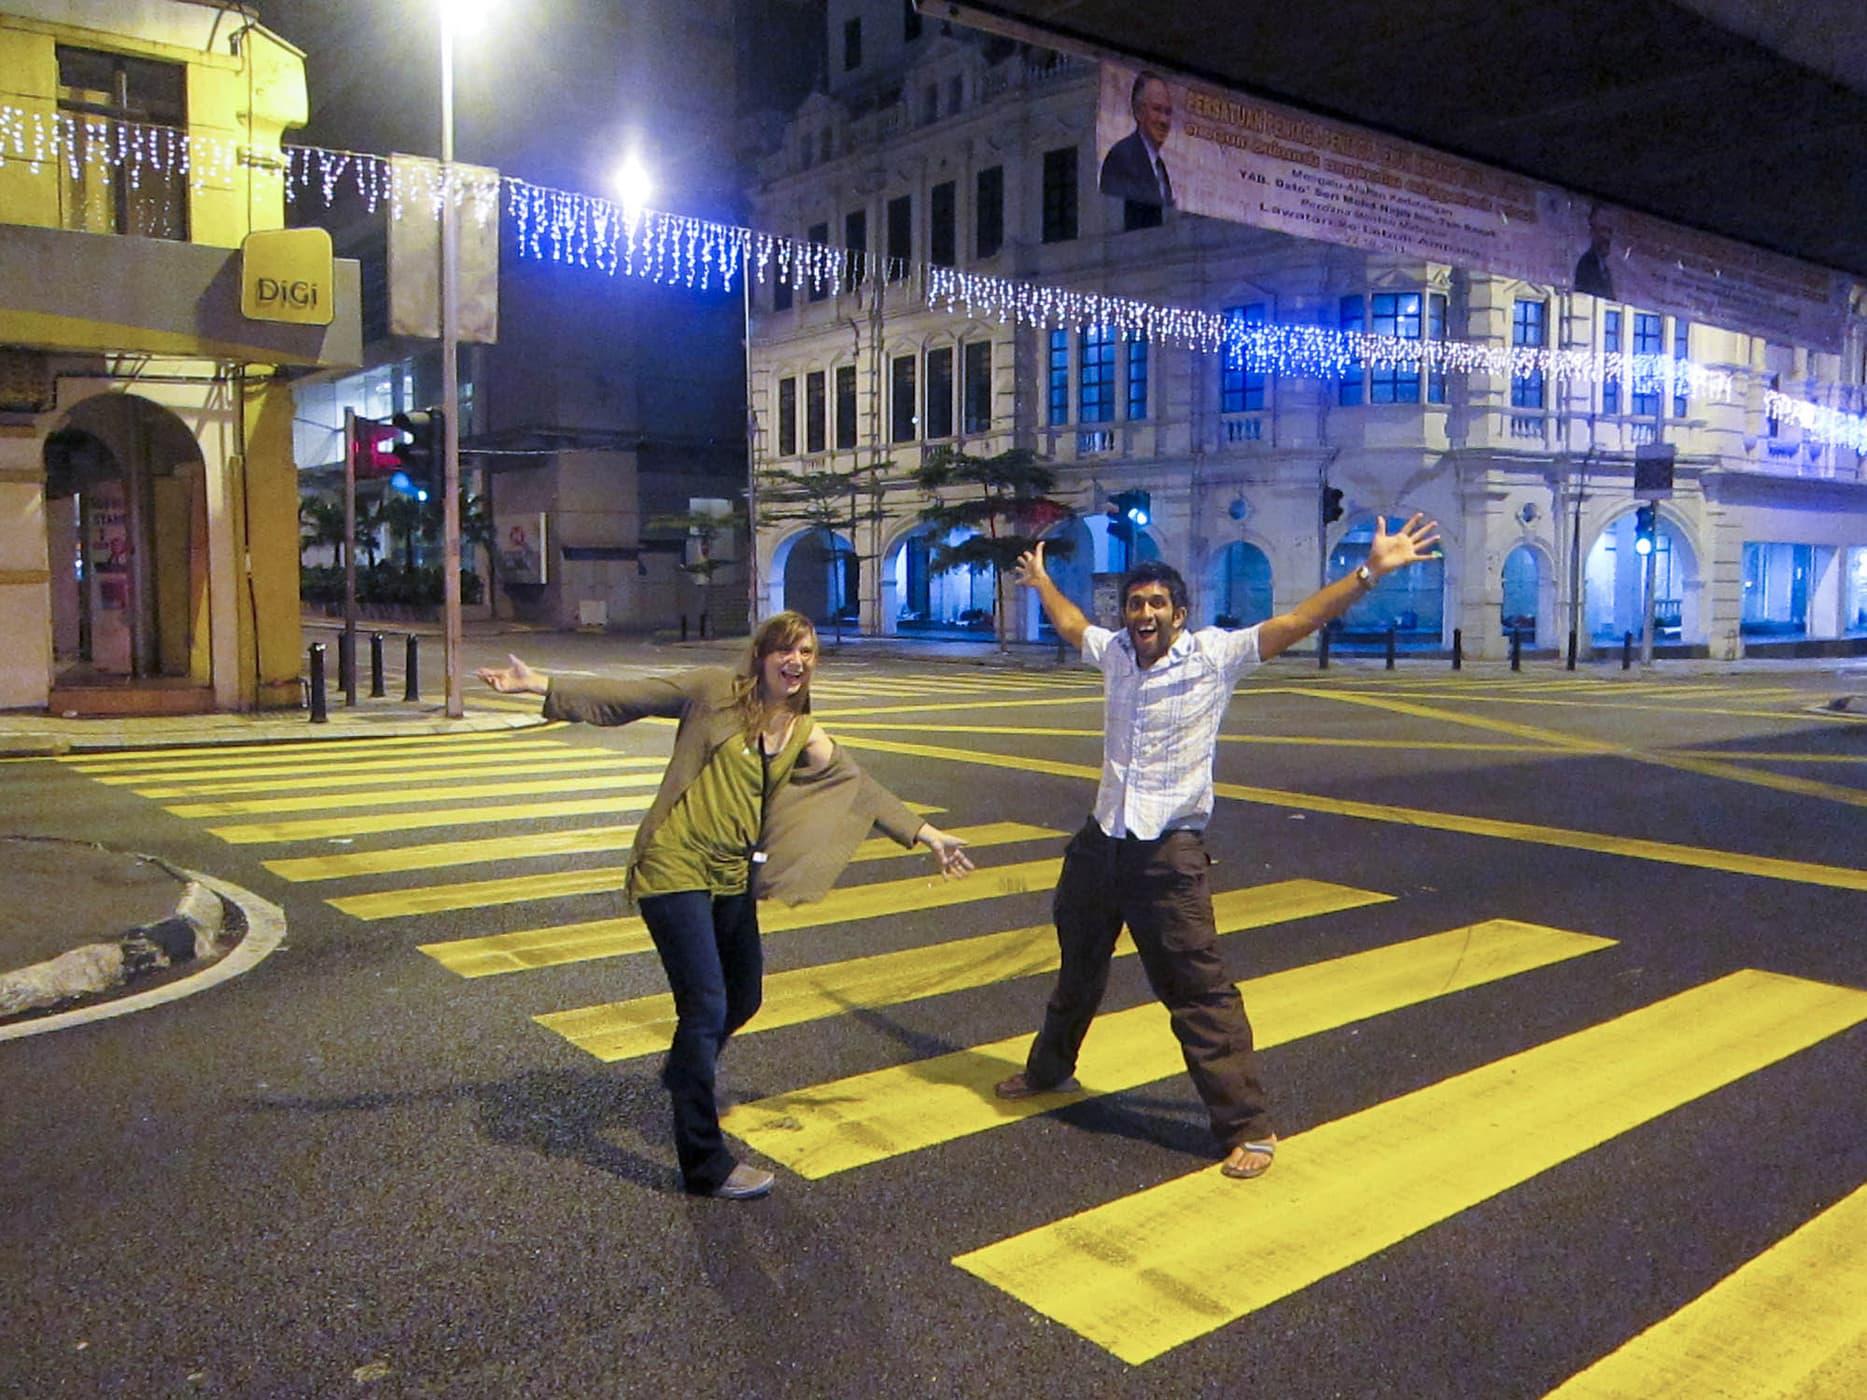 Crossing the street at 4am in Kuala Lumpur, Malaysia